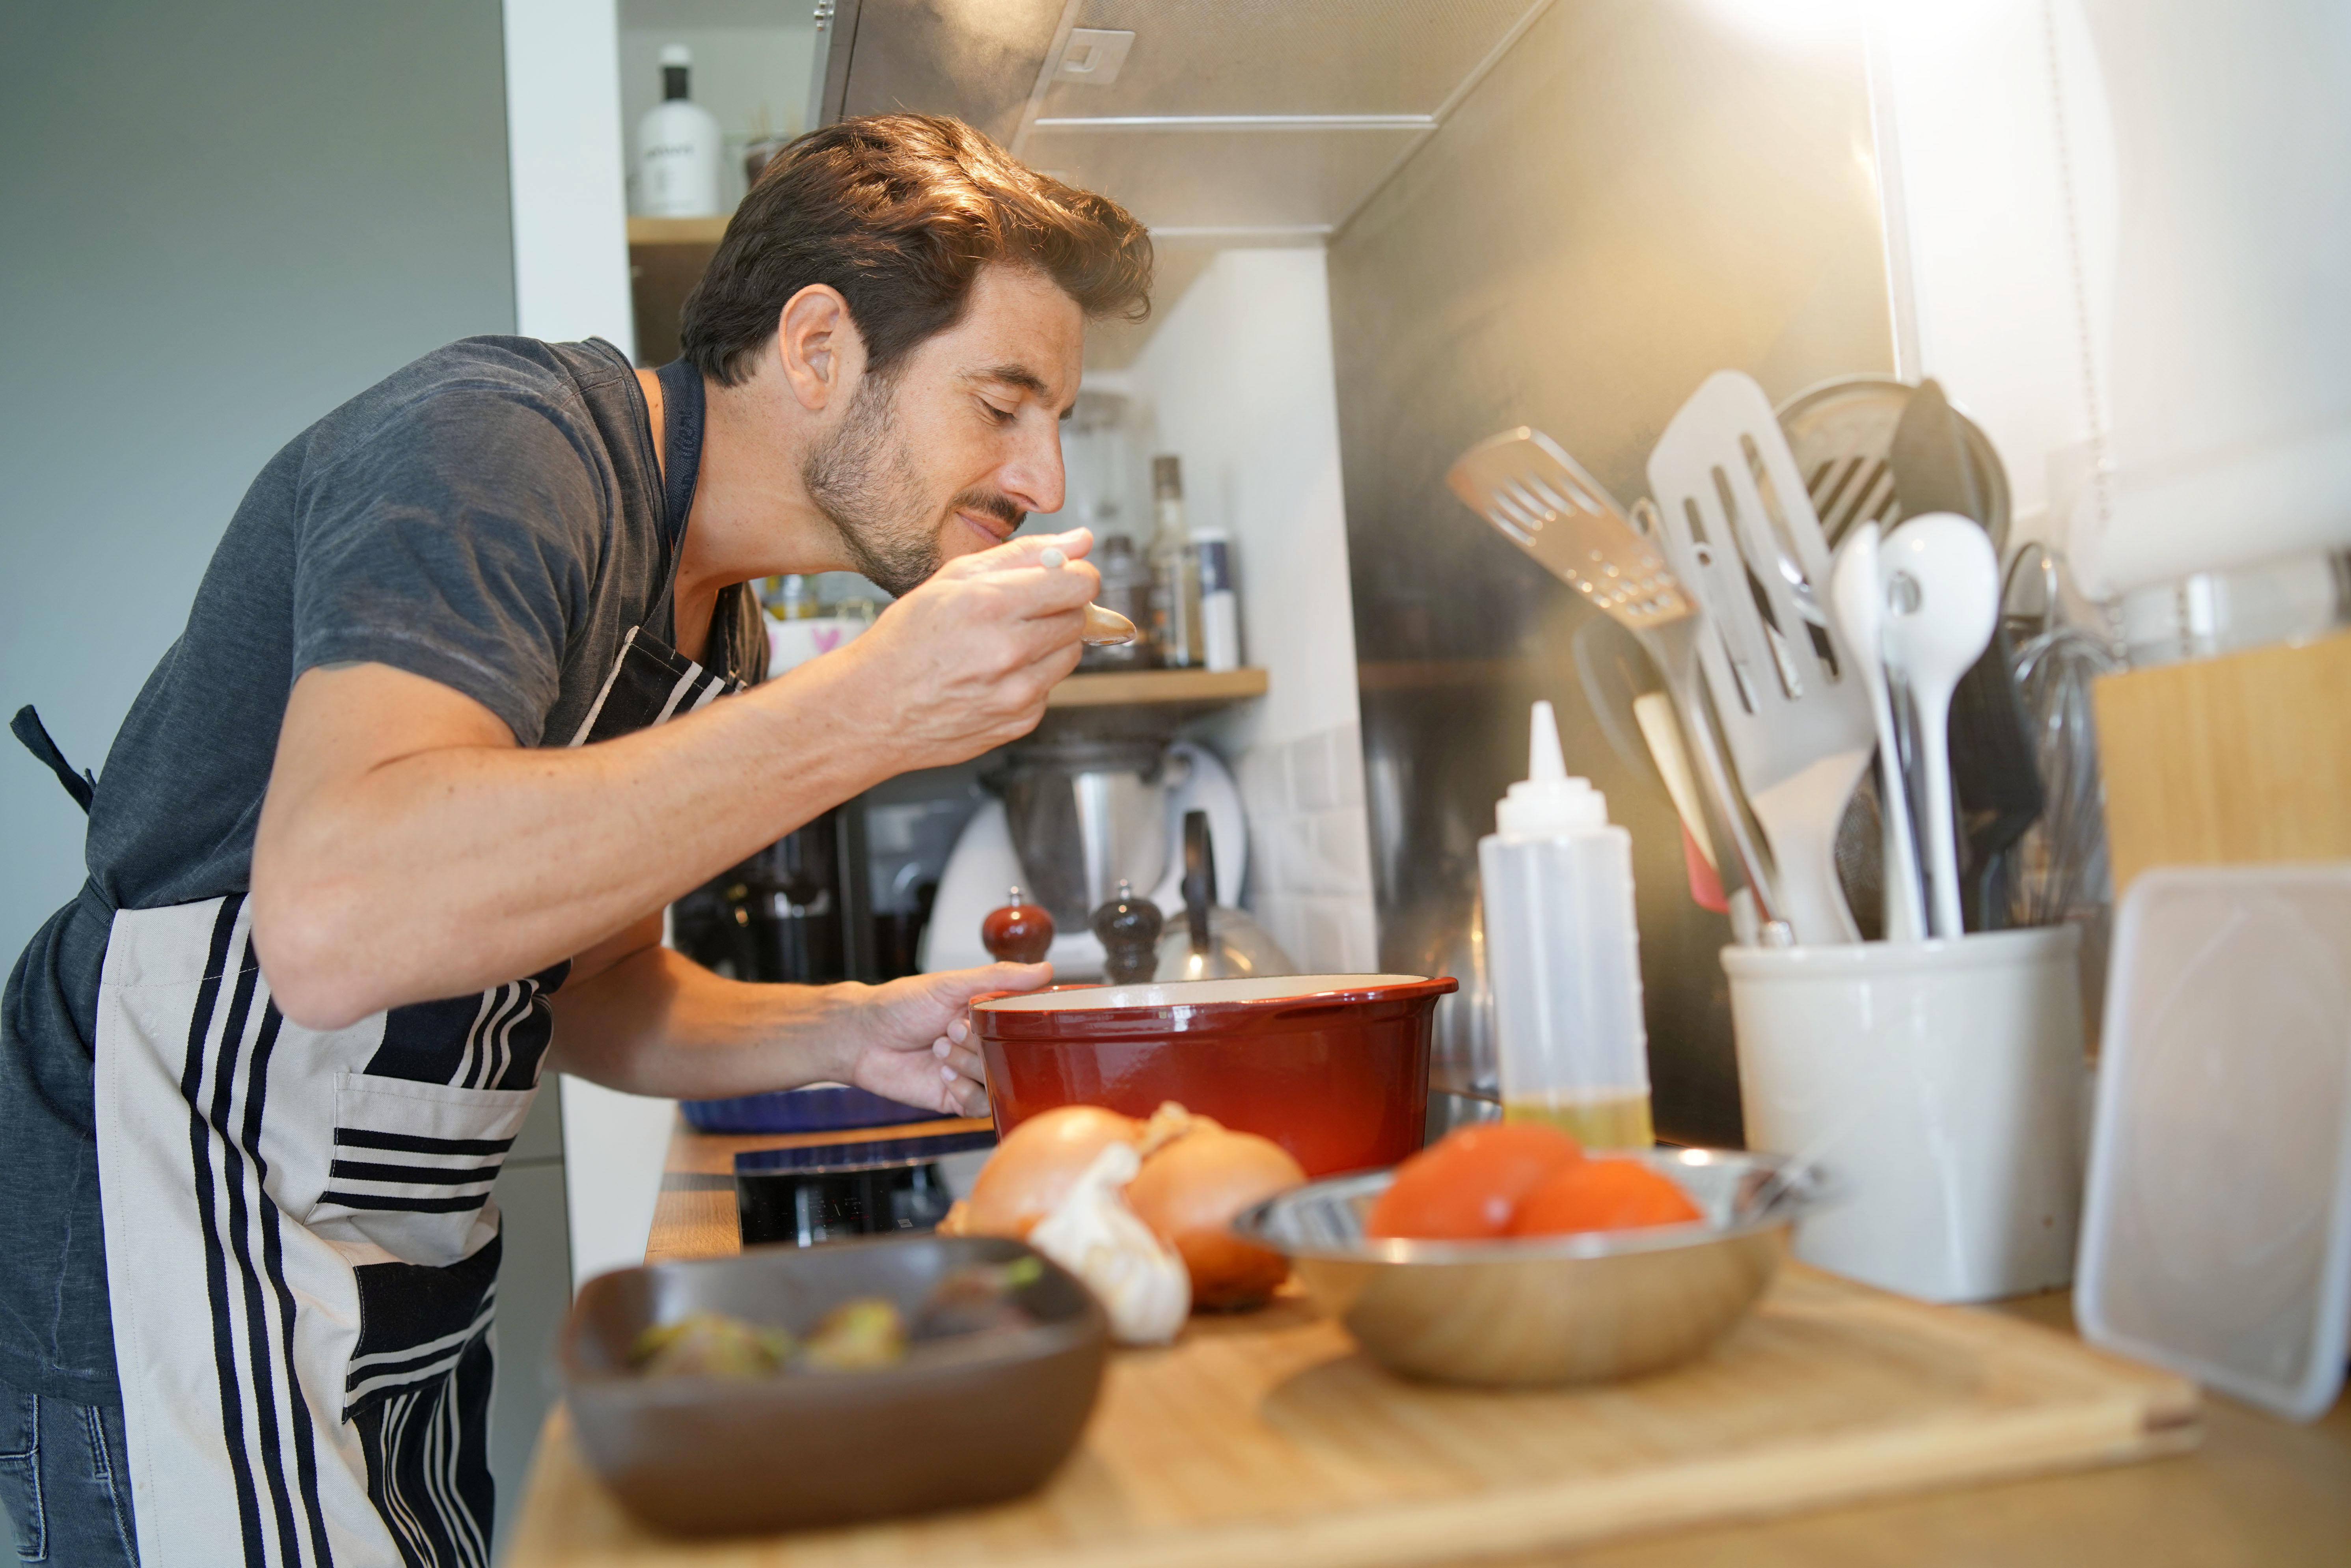 Ein tolles Essen kochen senkt den Stresspegel